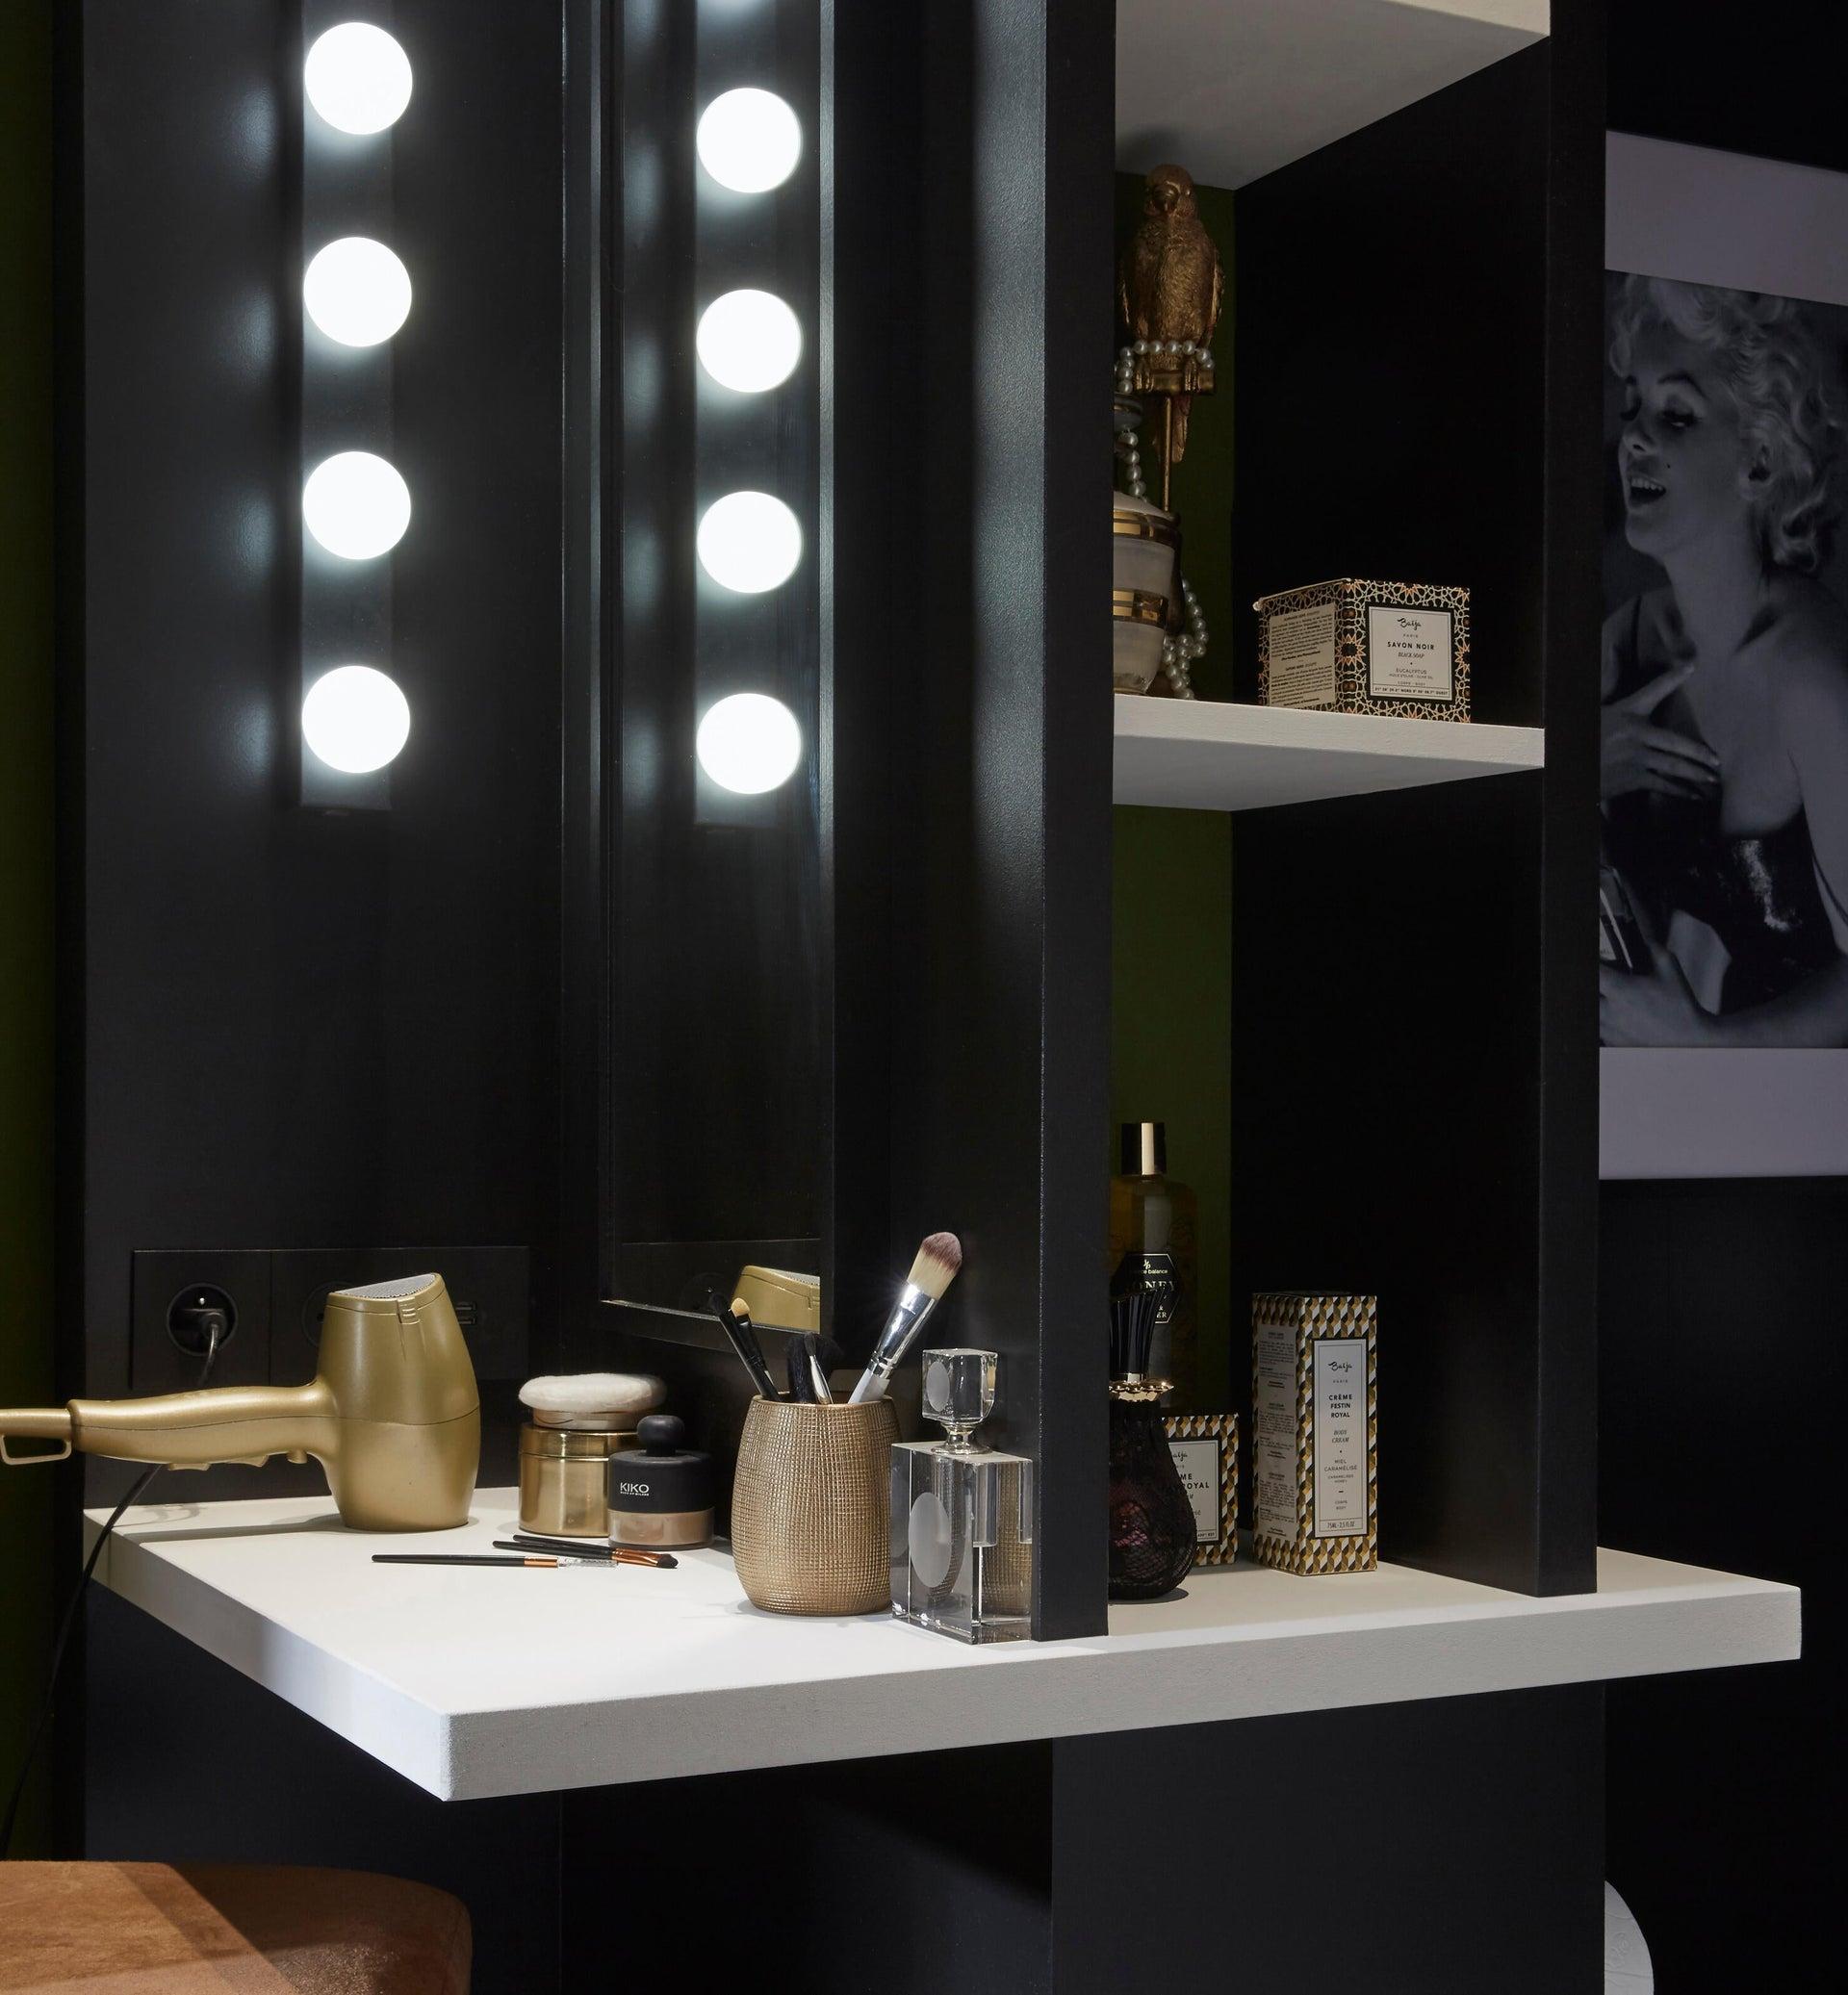 Applique moderno Smila LED integrato nero, in metallo, 60x60 cm, 5 luci INSPIRE - 5